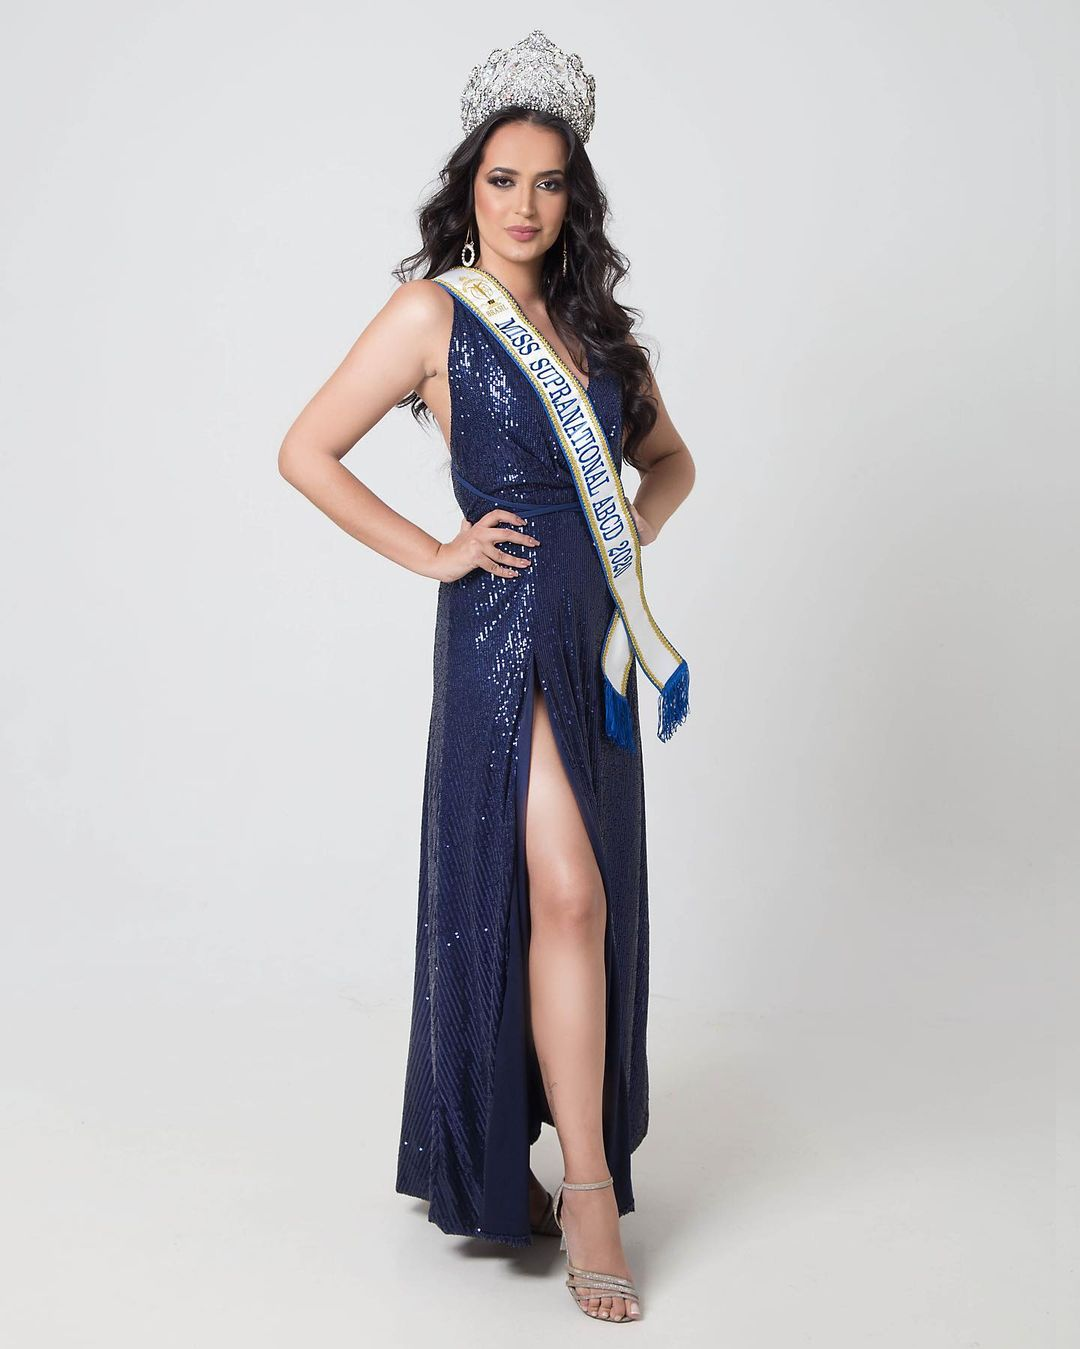 flavia polido, miss supranational abcd 2020/miss brasil intercontinental 2018-2019. - Página 7 Flavia24